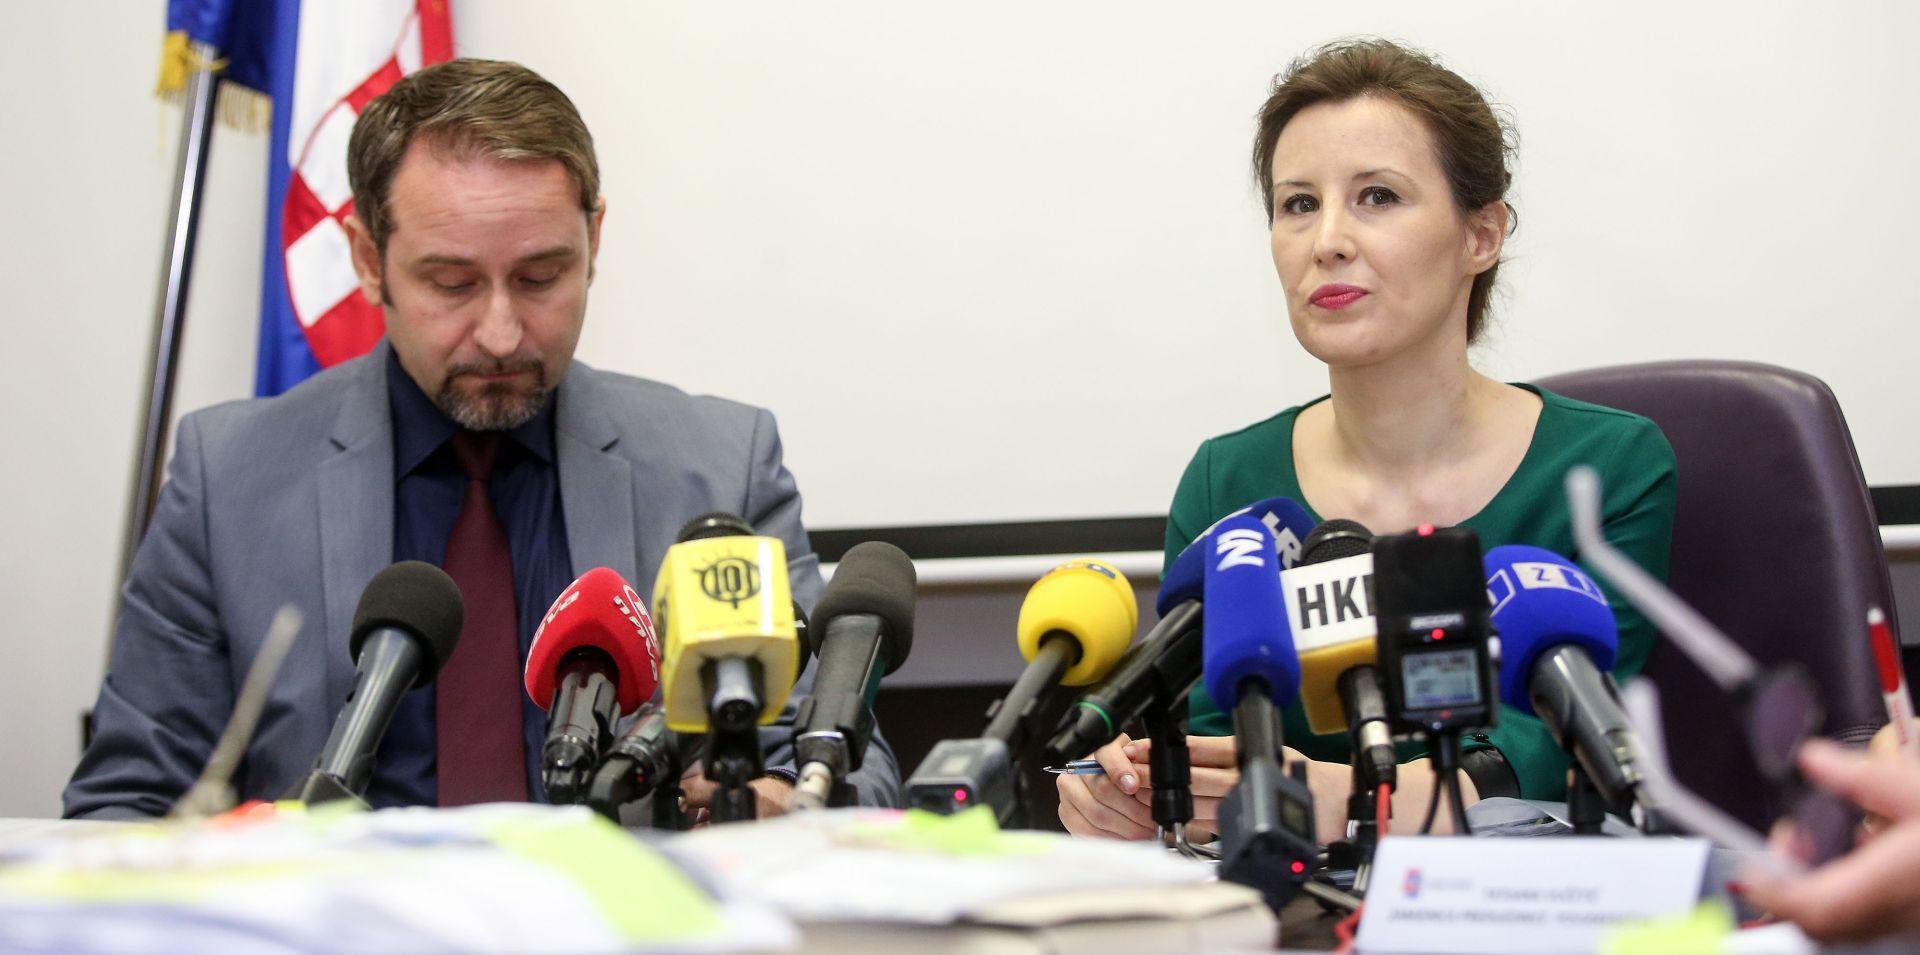 ODLUKA POVJERENSTVA : Tomislav Karamarko je u sukobu interesa